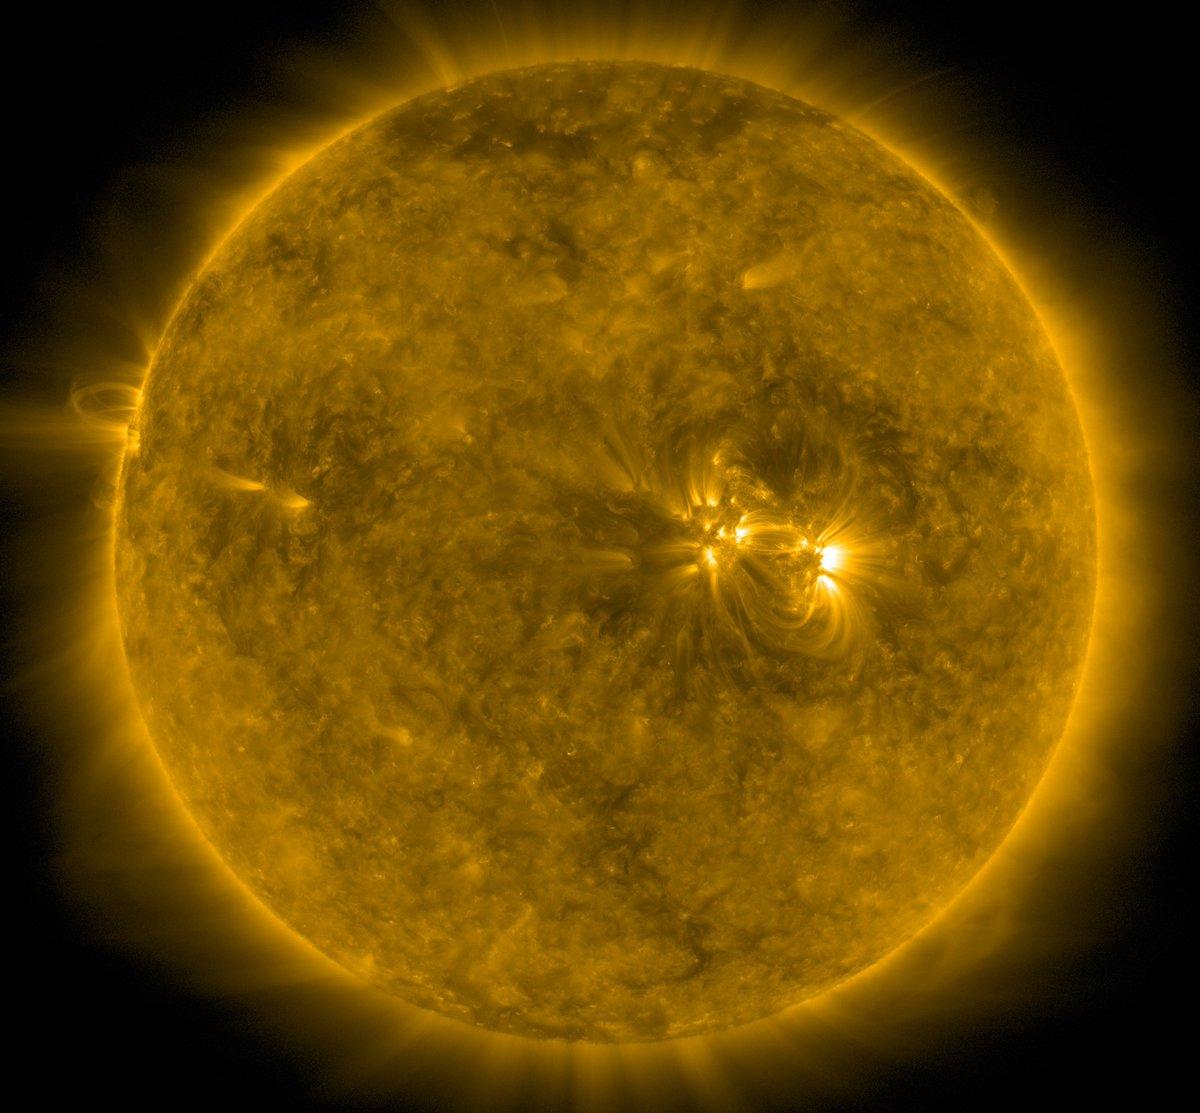 Guten Morgen zusammen - wie immer mit 'nem Livebild der #Sonne per Satellit SDO. Sonnige und schöne Woche euch allen!